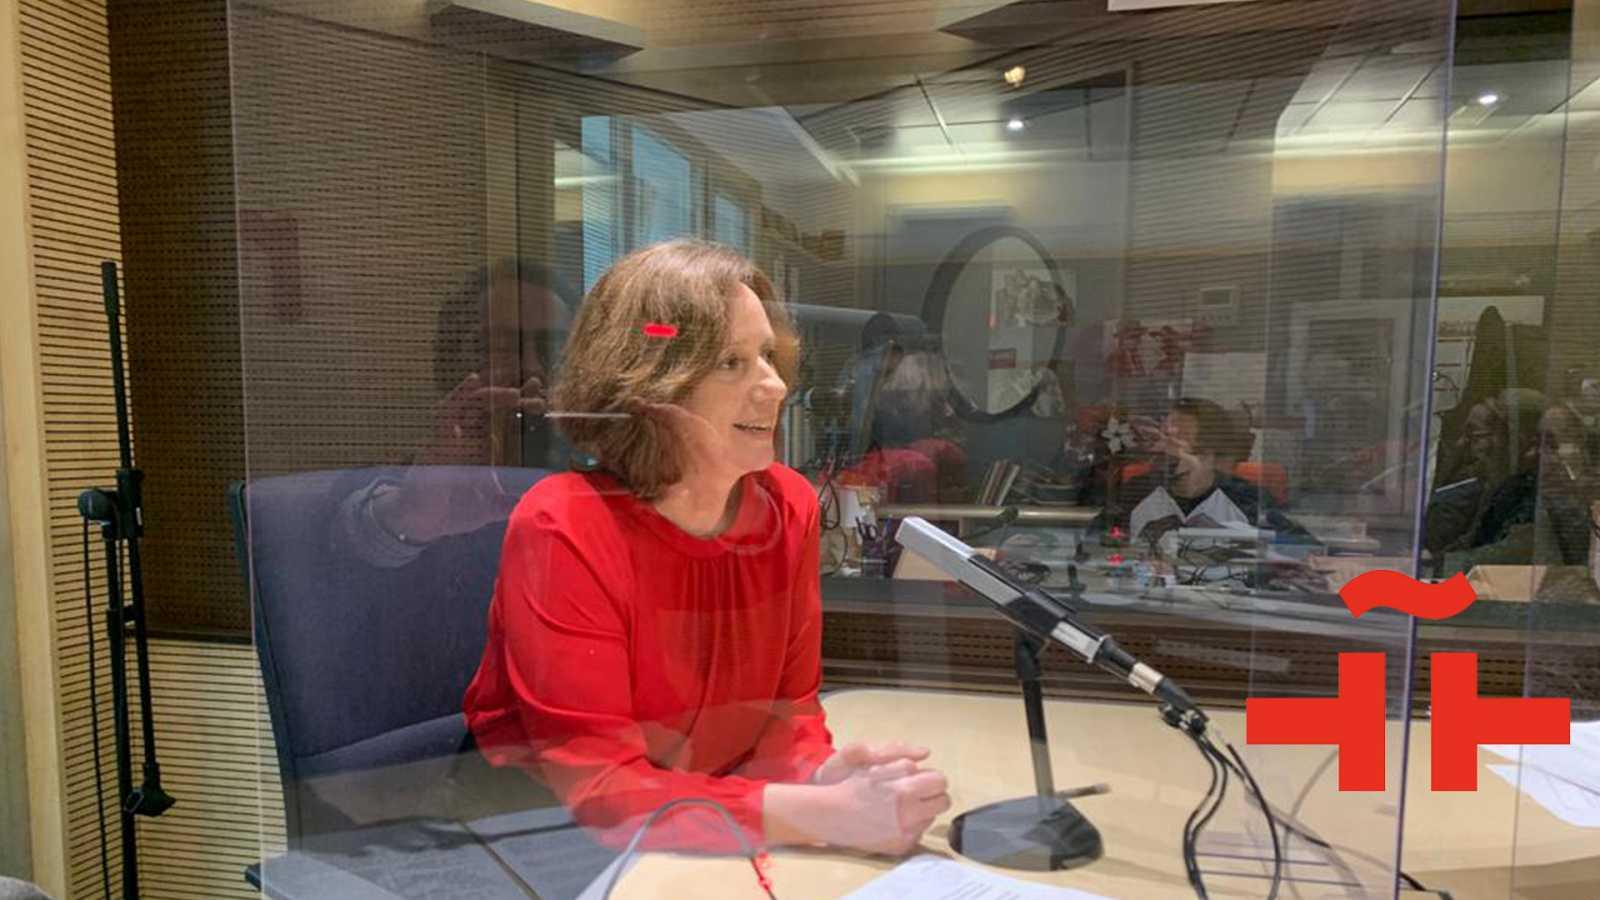 La ventana del Cervantes - Preparando la celebración del 30 aniversario - 09/01/21 - Escuchar ahora